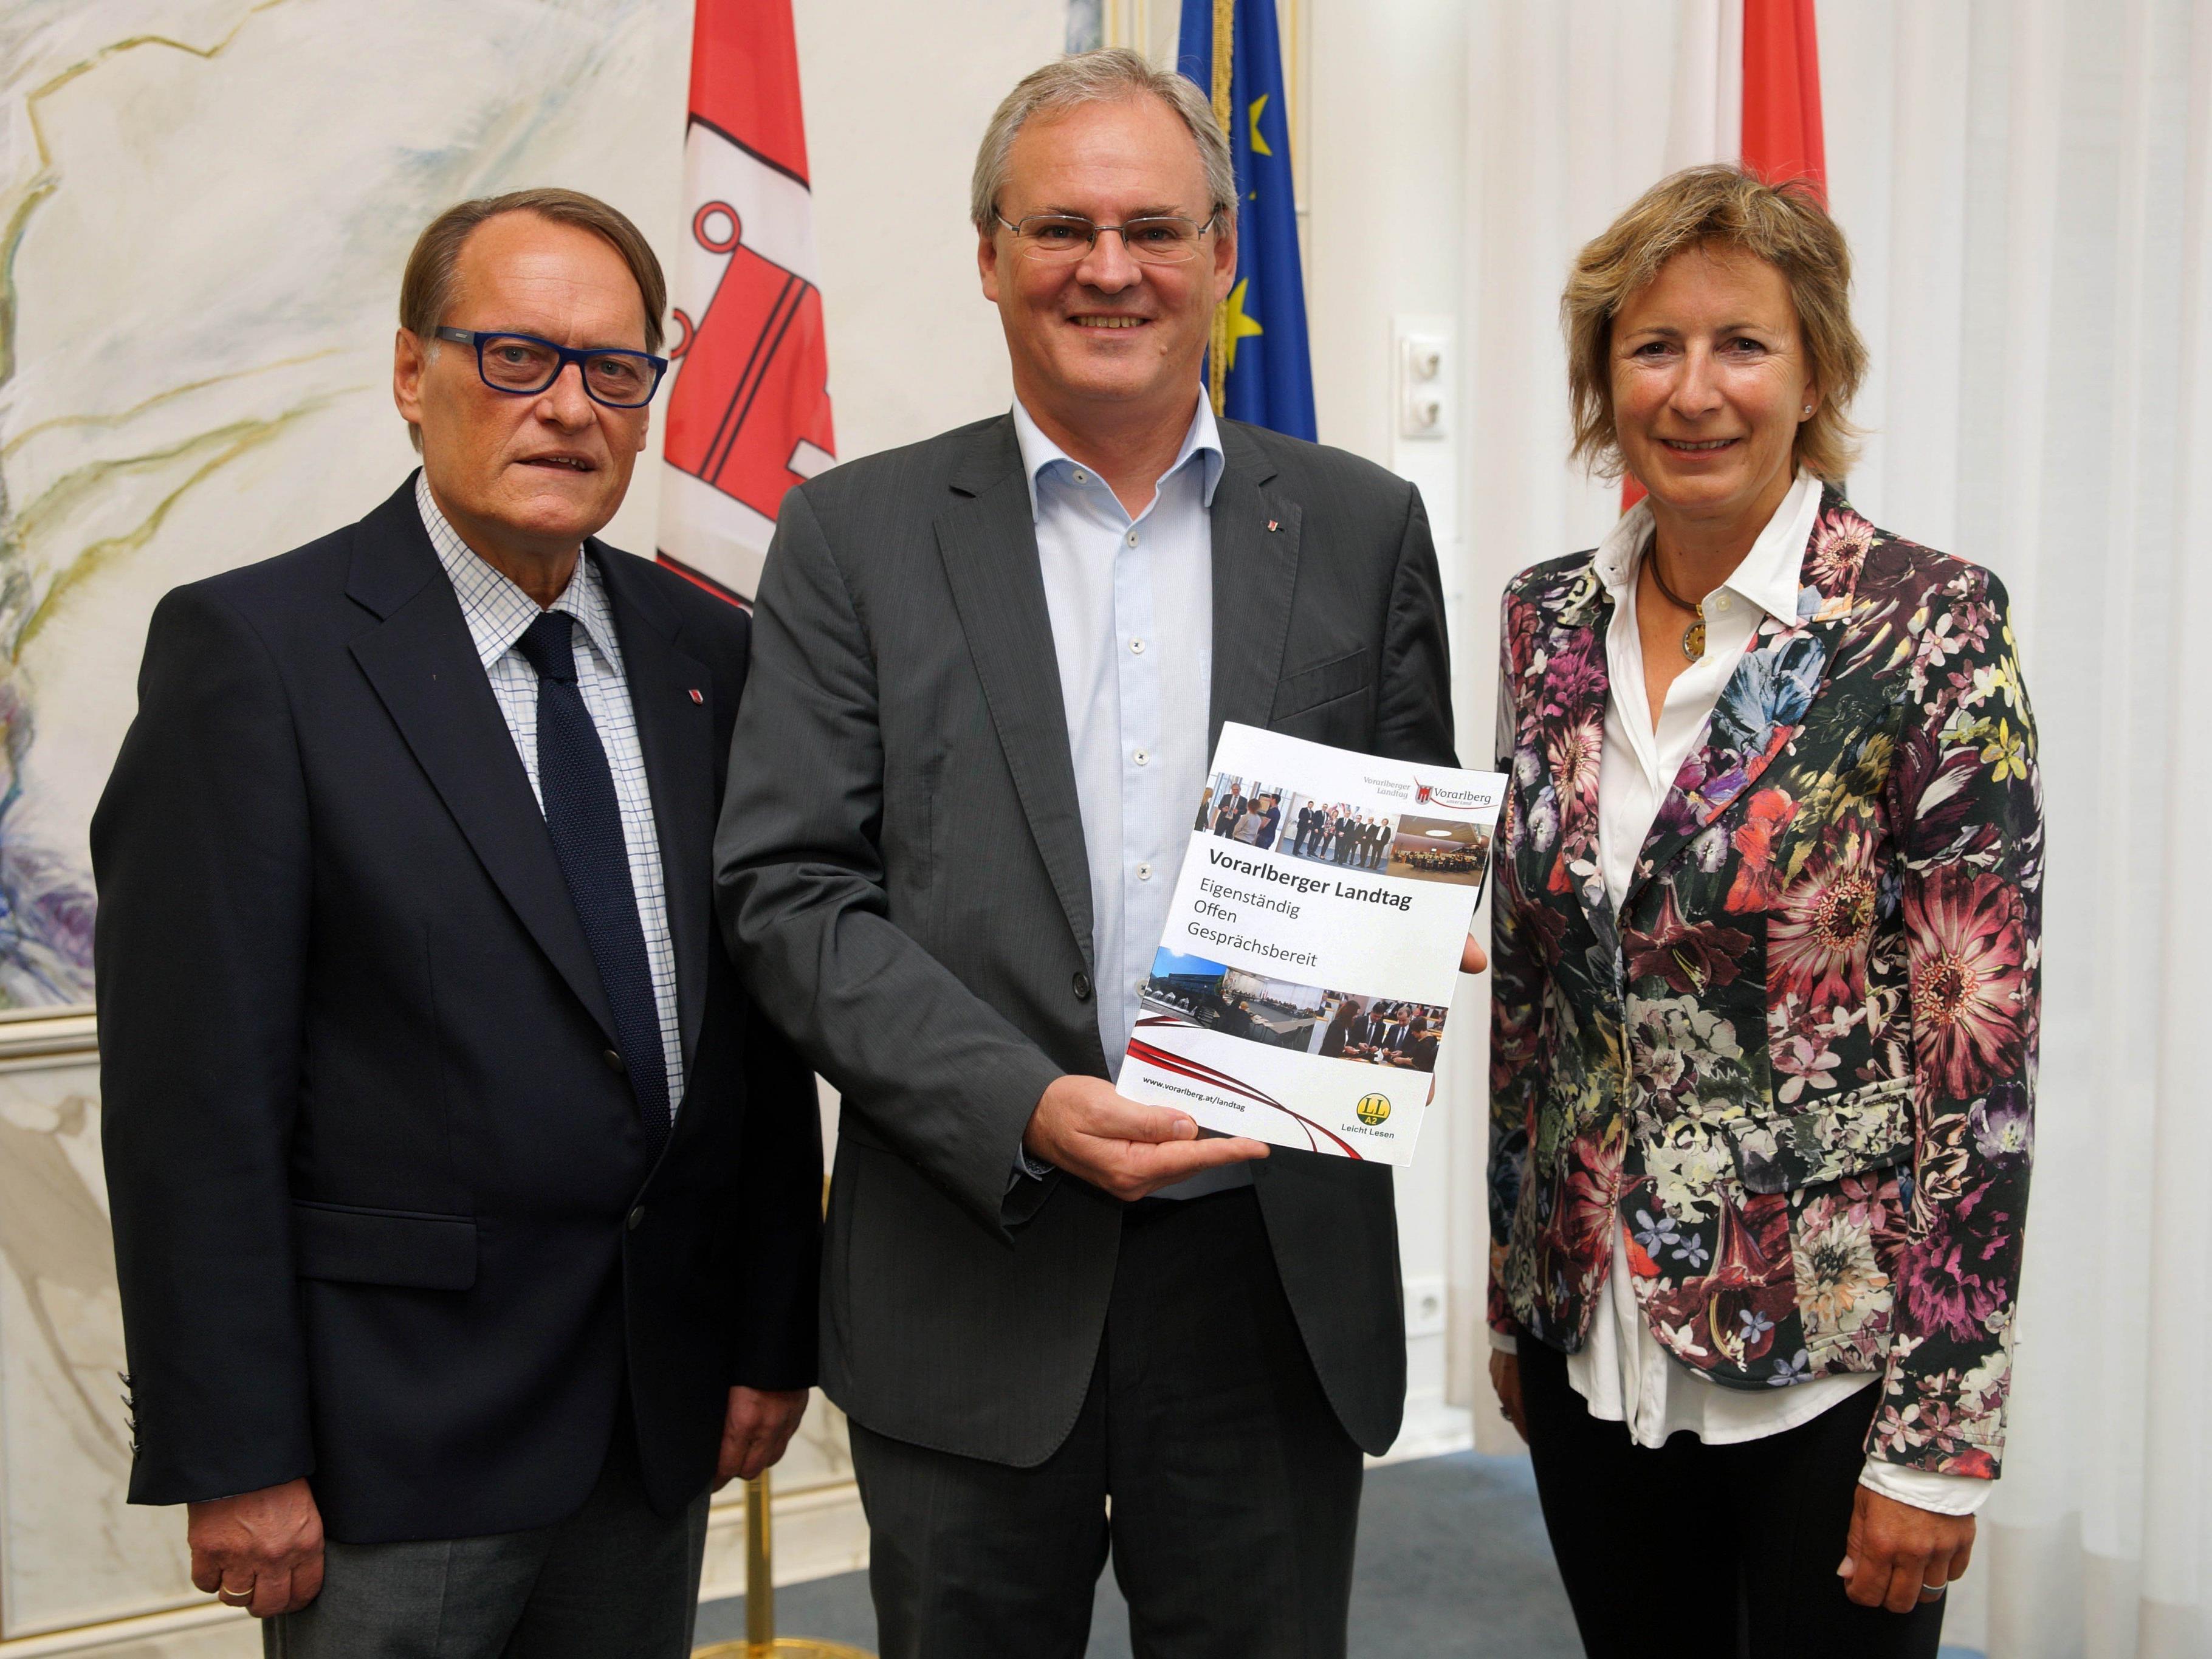 LTVP Ernst Hagen, LTP Harald Sonderegger und LTVP Gabriele Nußbaumer mit der neuen Broschüre.